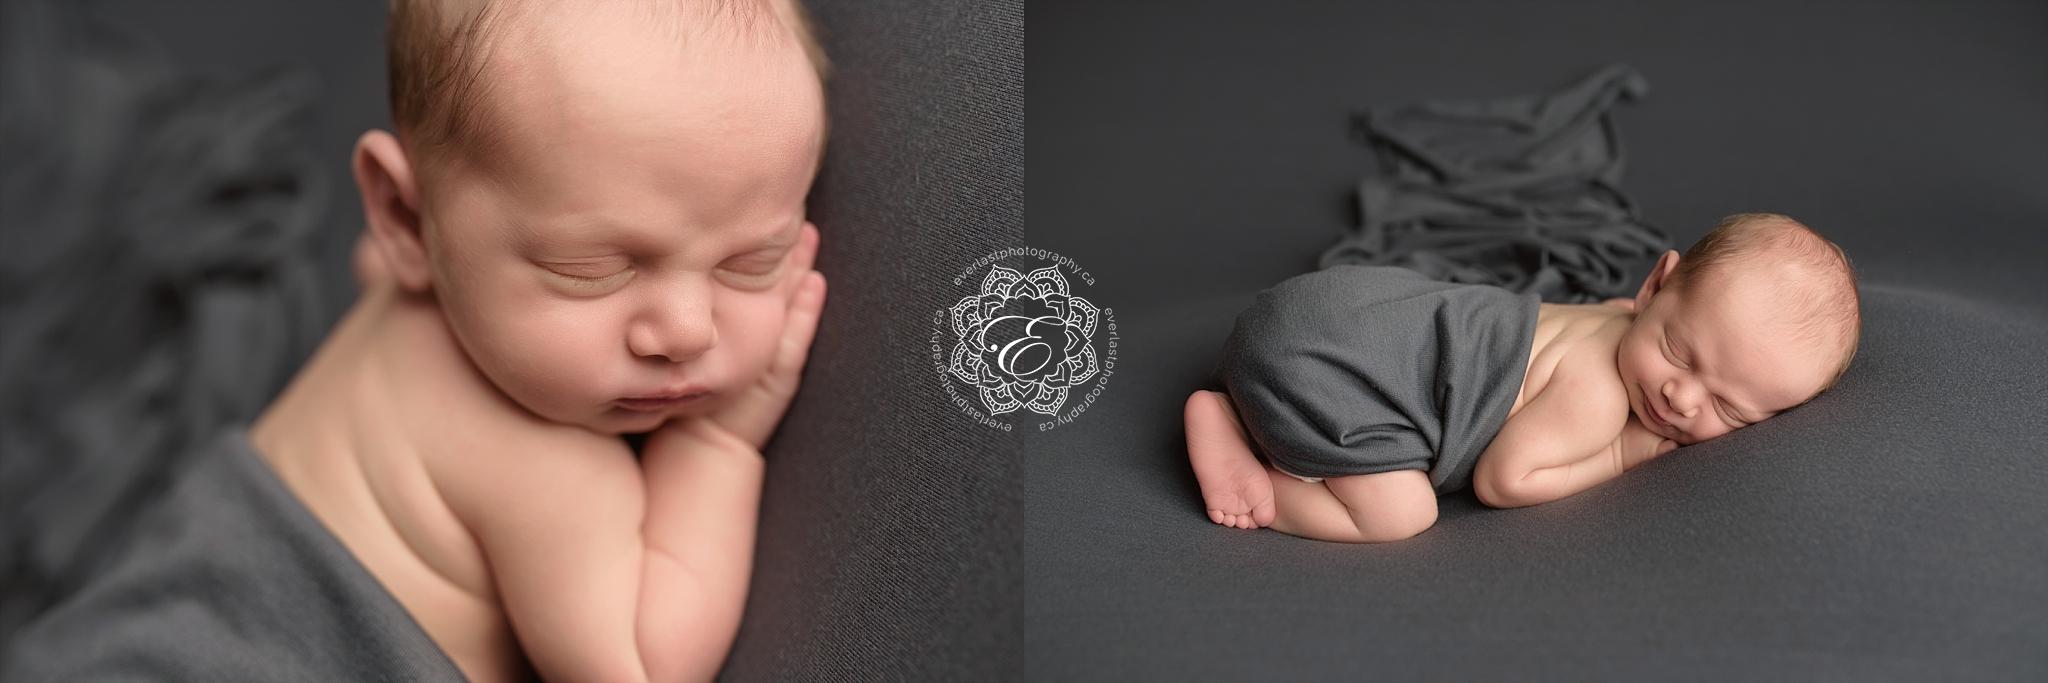 posed-newborn-photographer-edmonton.jpg